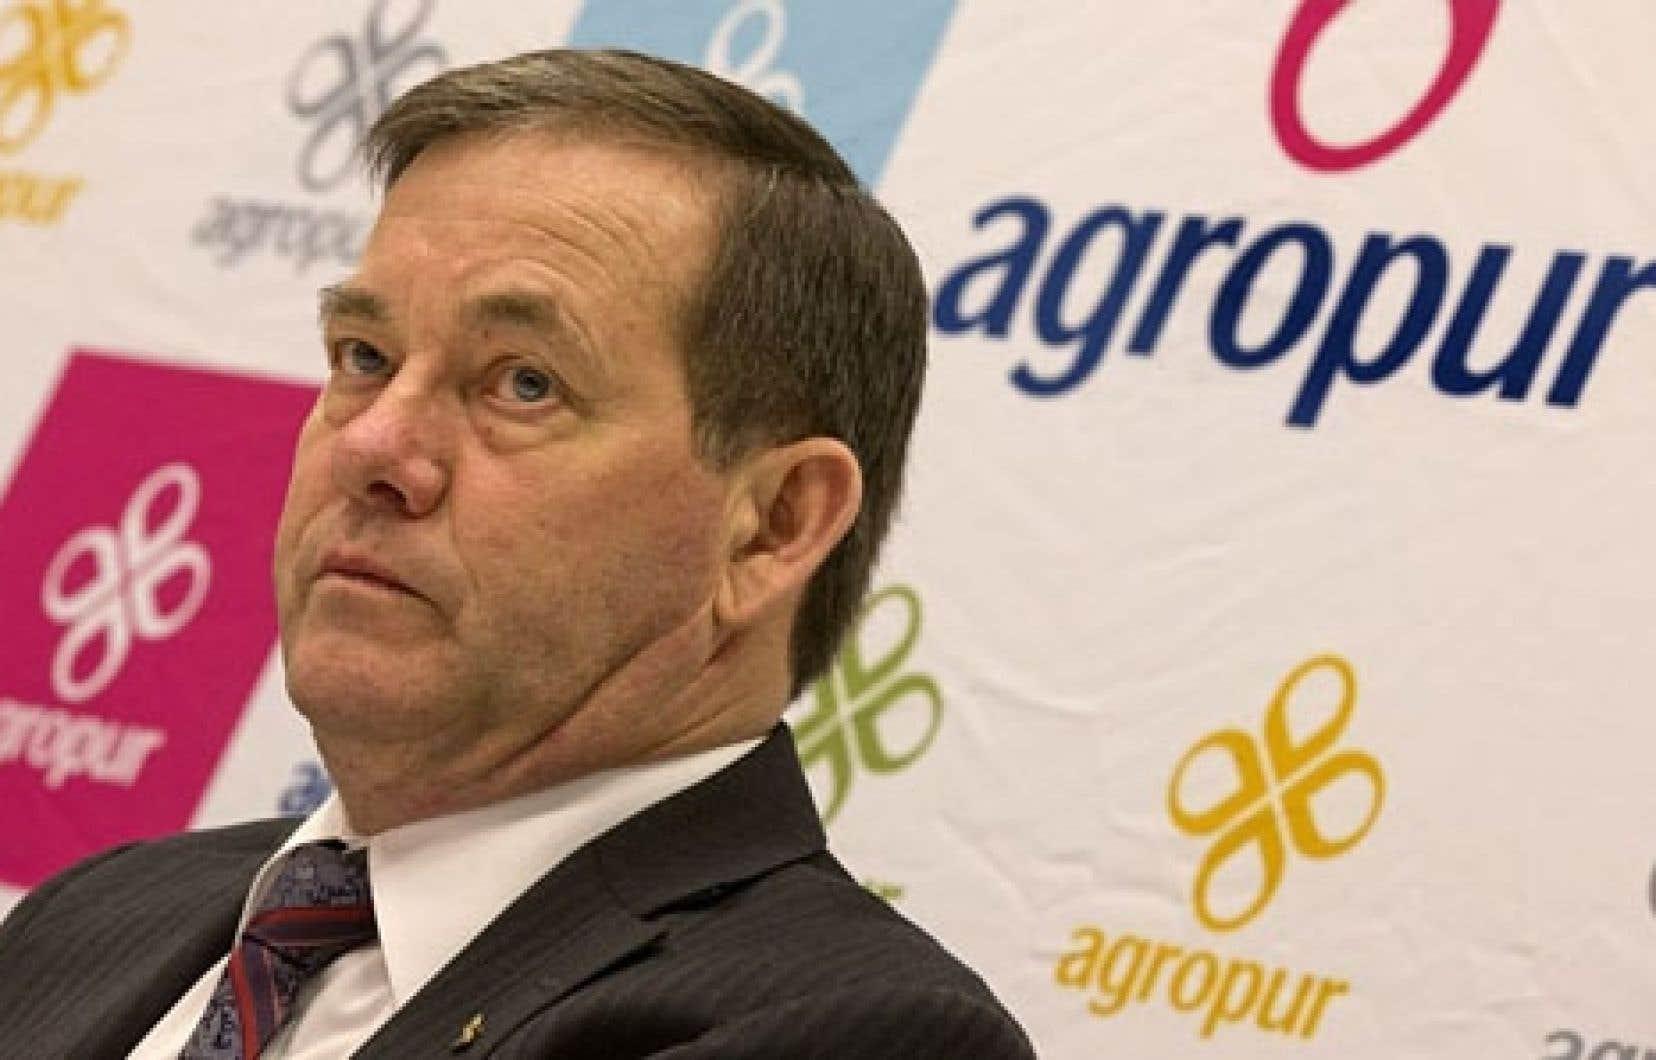 Le président du conseil d'administration d'Agropur, Serge Riendeau